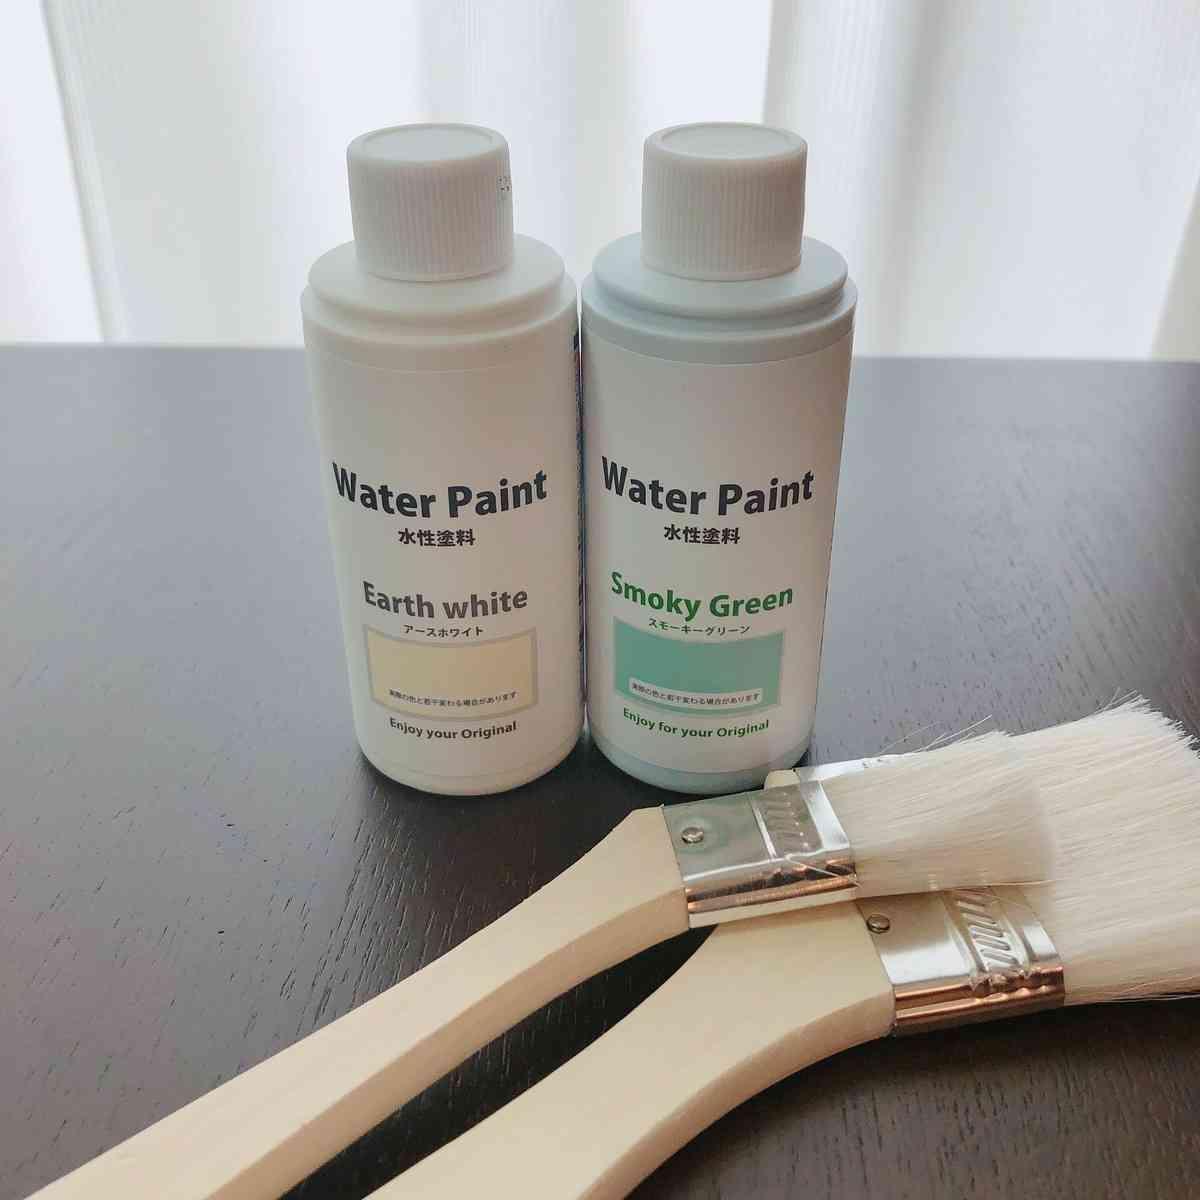 セリア ペンキ セリア100均水性塗料のカラーバリエーションを一挙ご紹介!